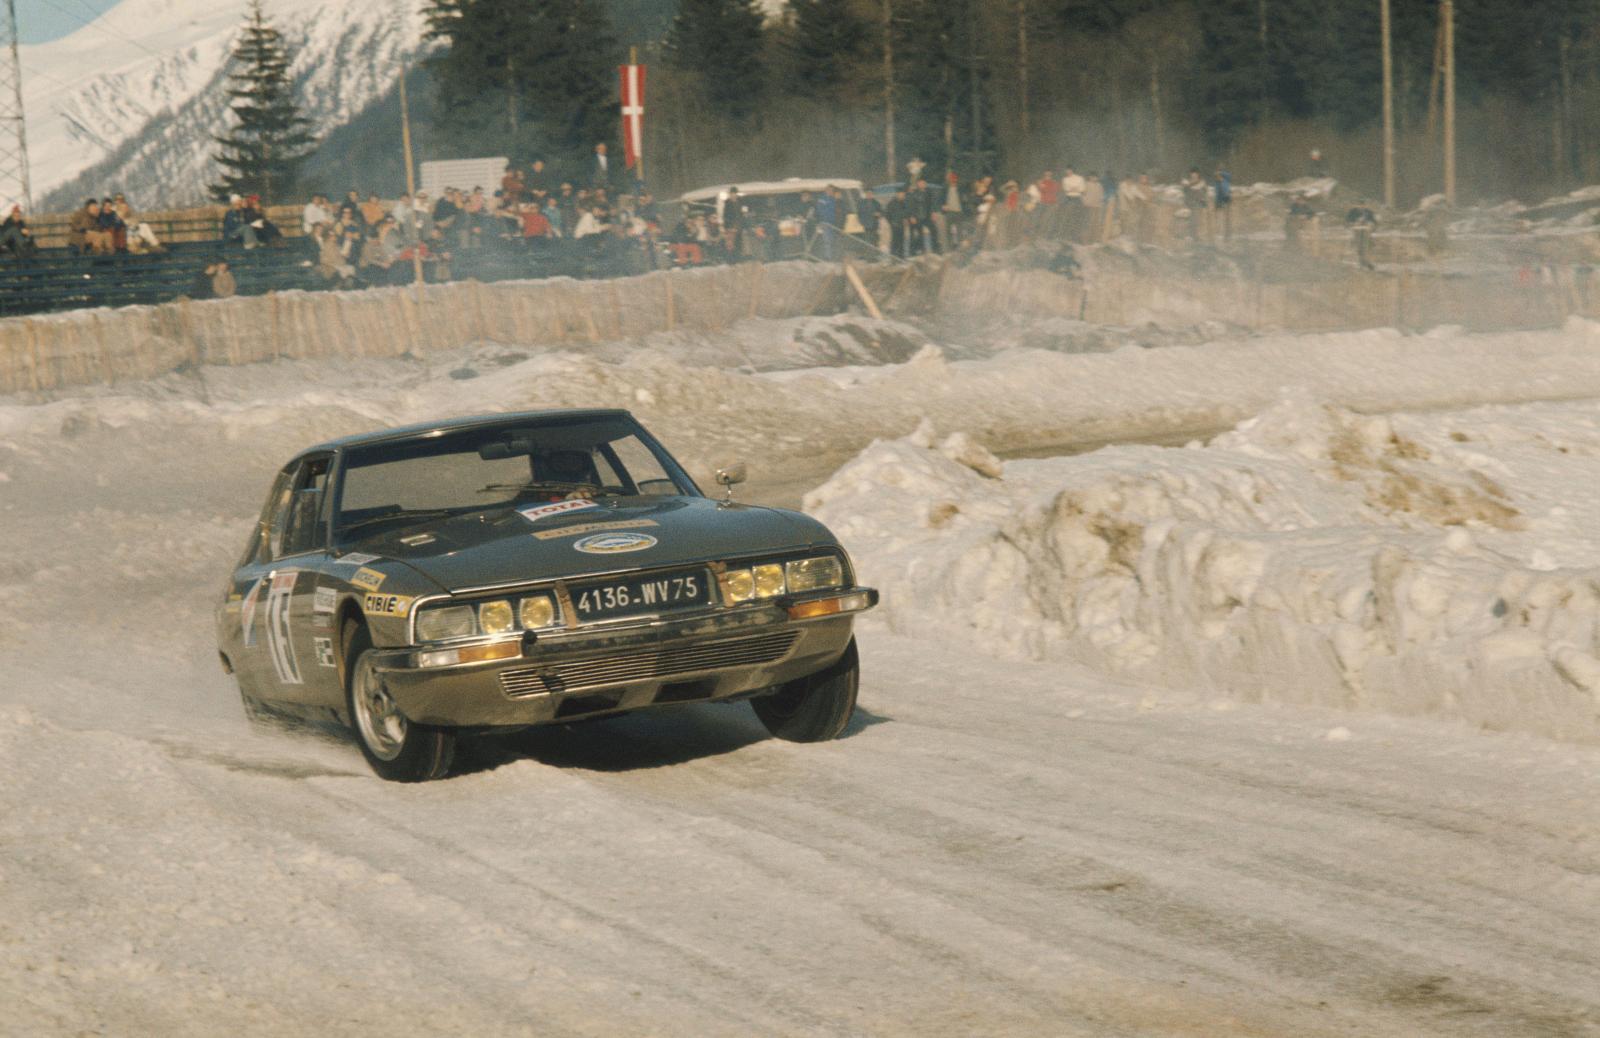 シャモニー冬季氷上ラウンドレース - SM - 1972年